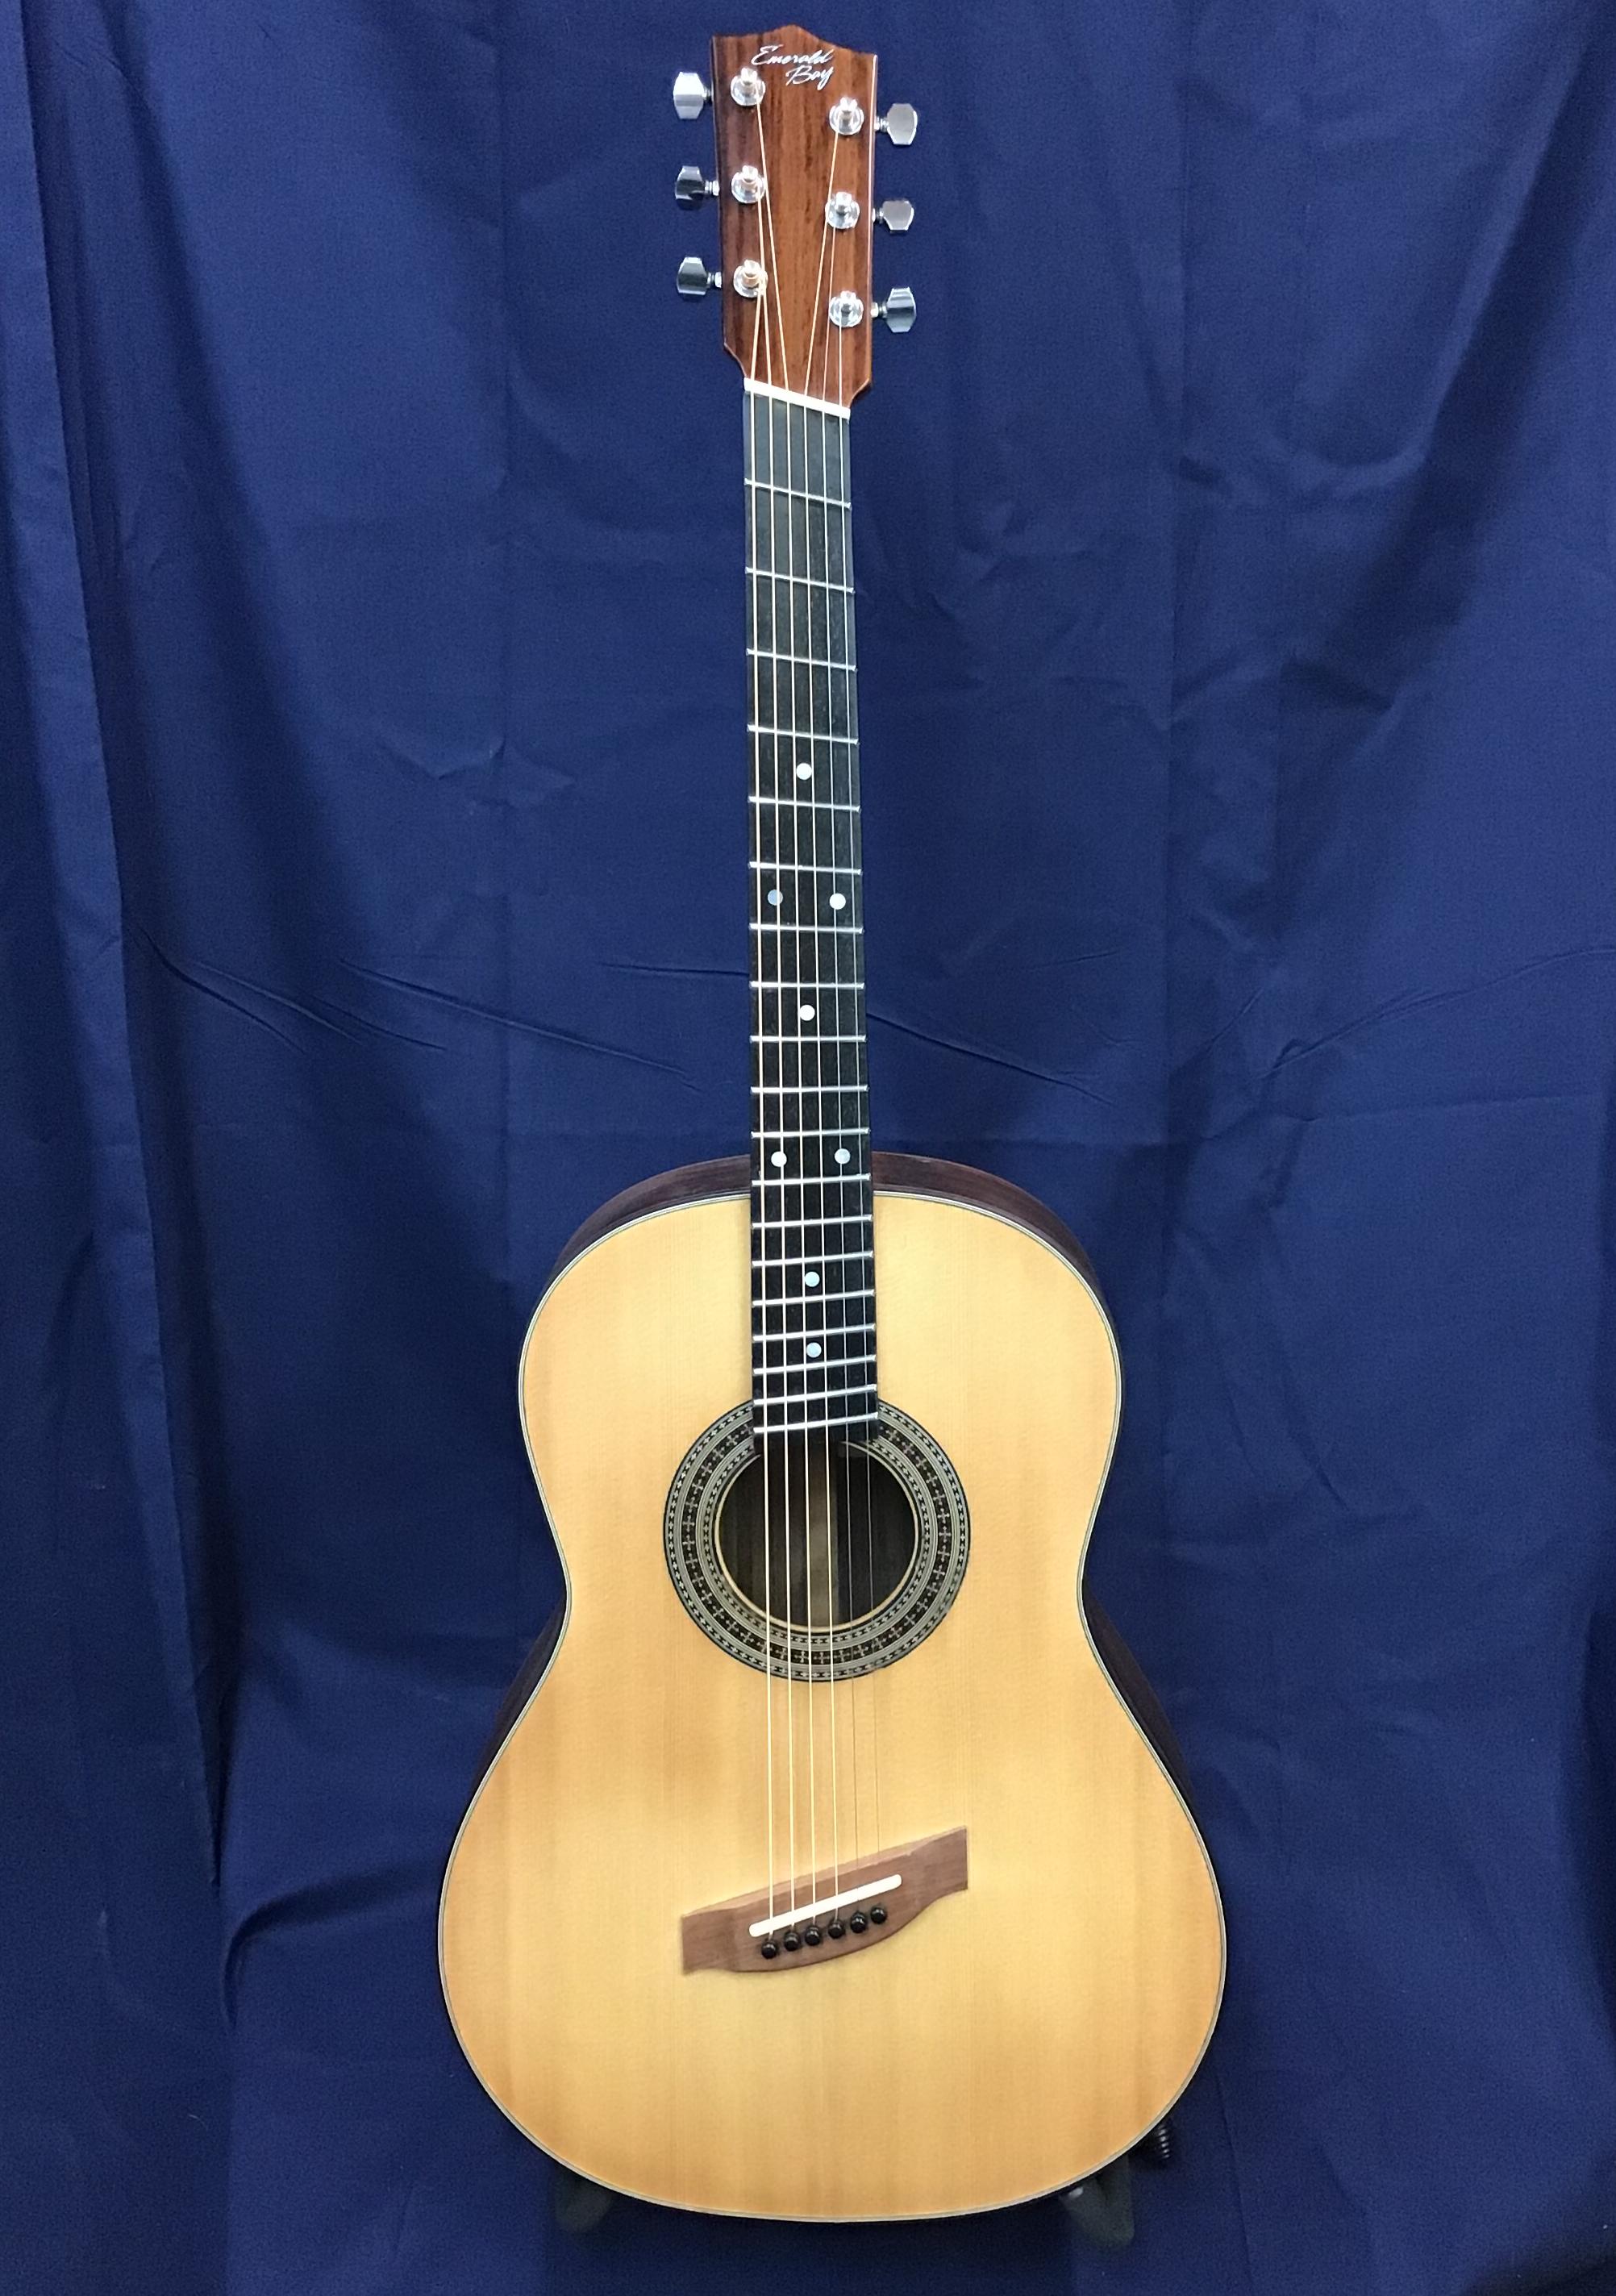 Parlor Fanfret Guitar